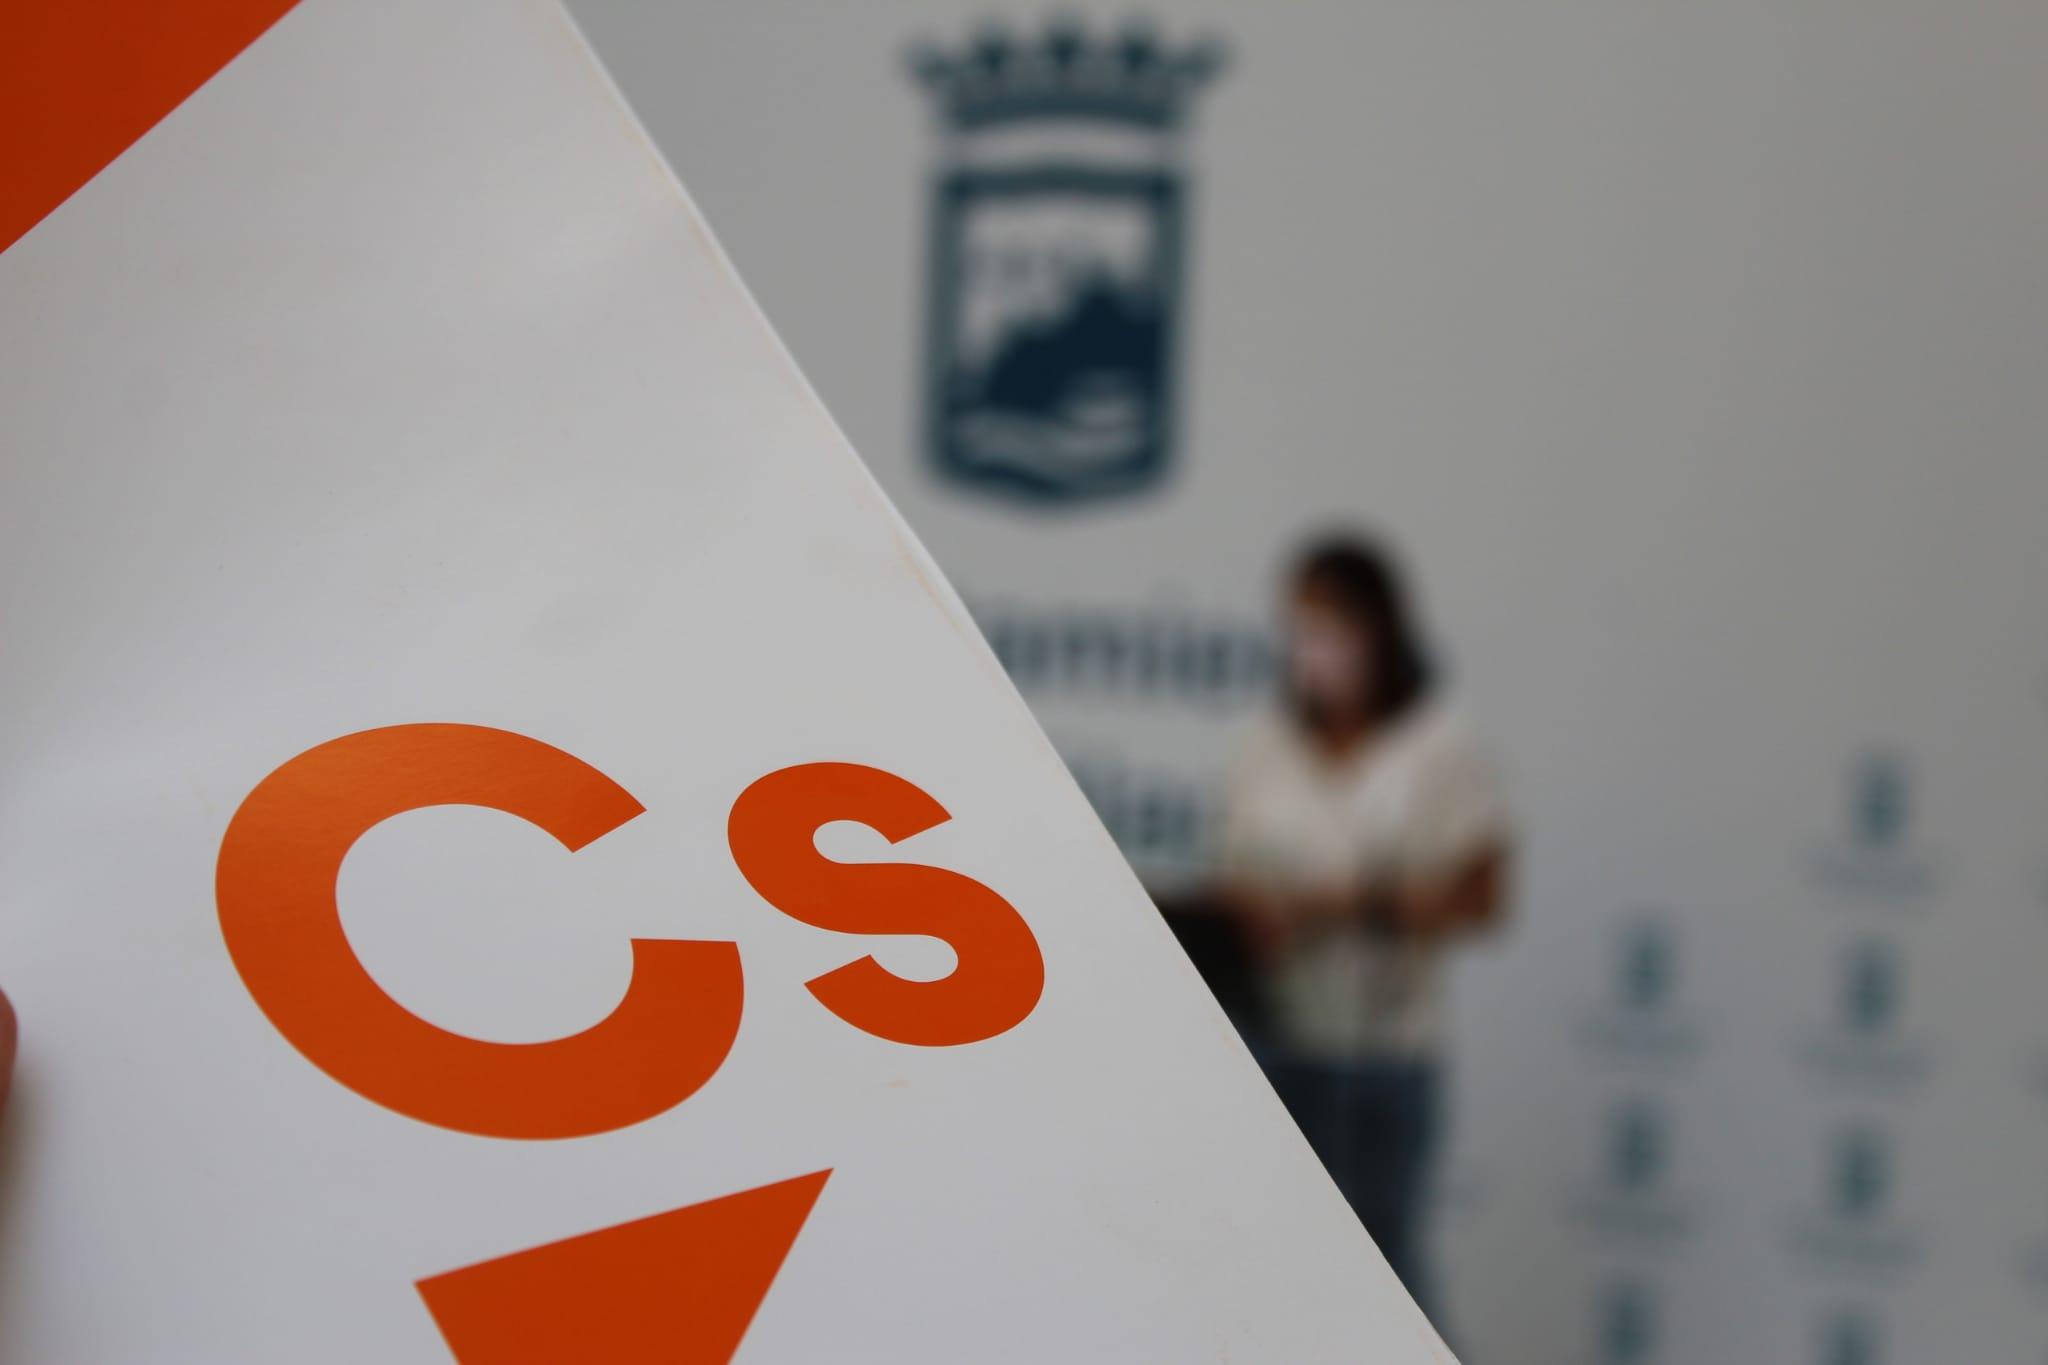 ¿Mantendrá el gobierno de Pedro Sánchez la suspensión de la regla de gasto en 2021?